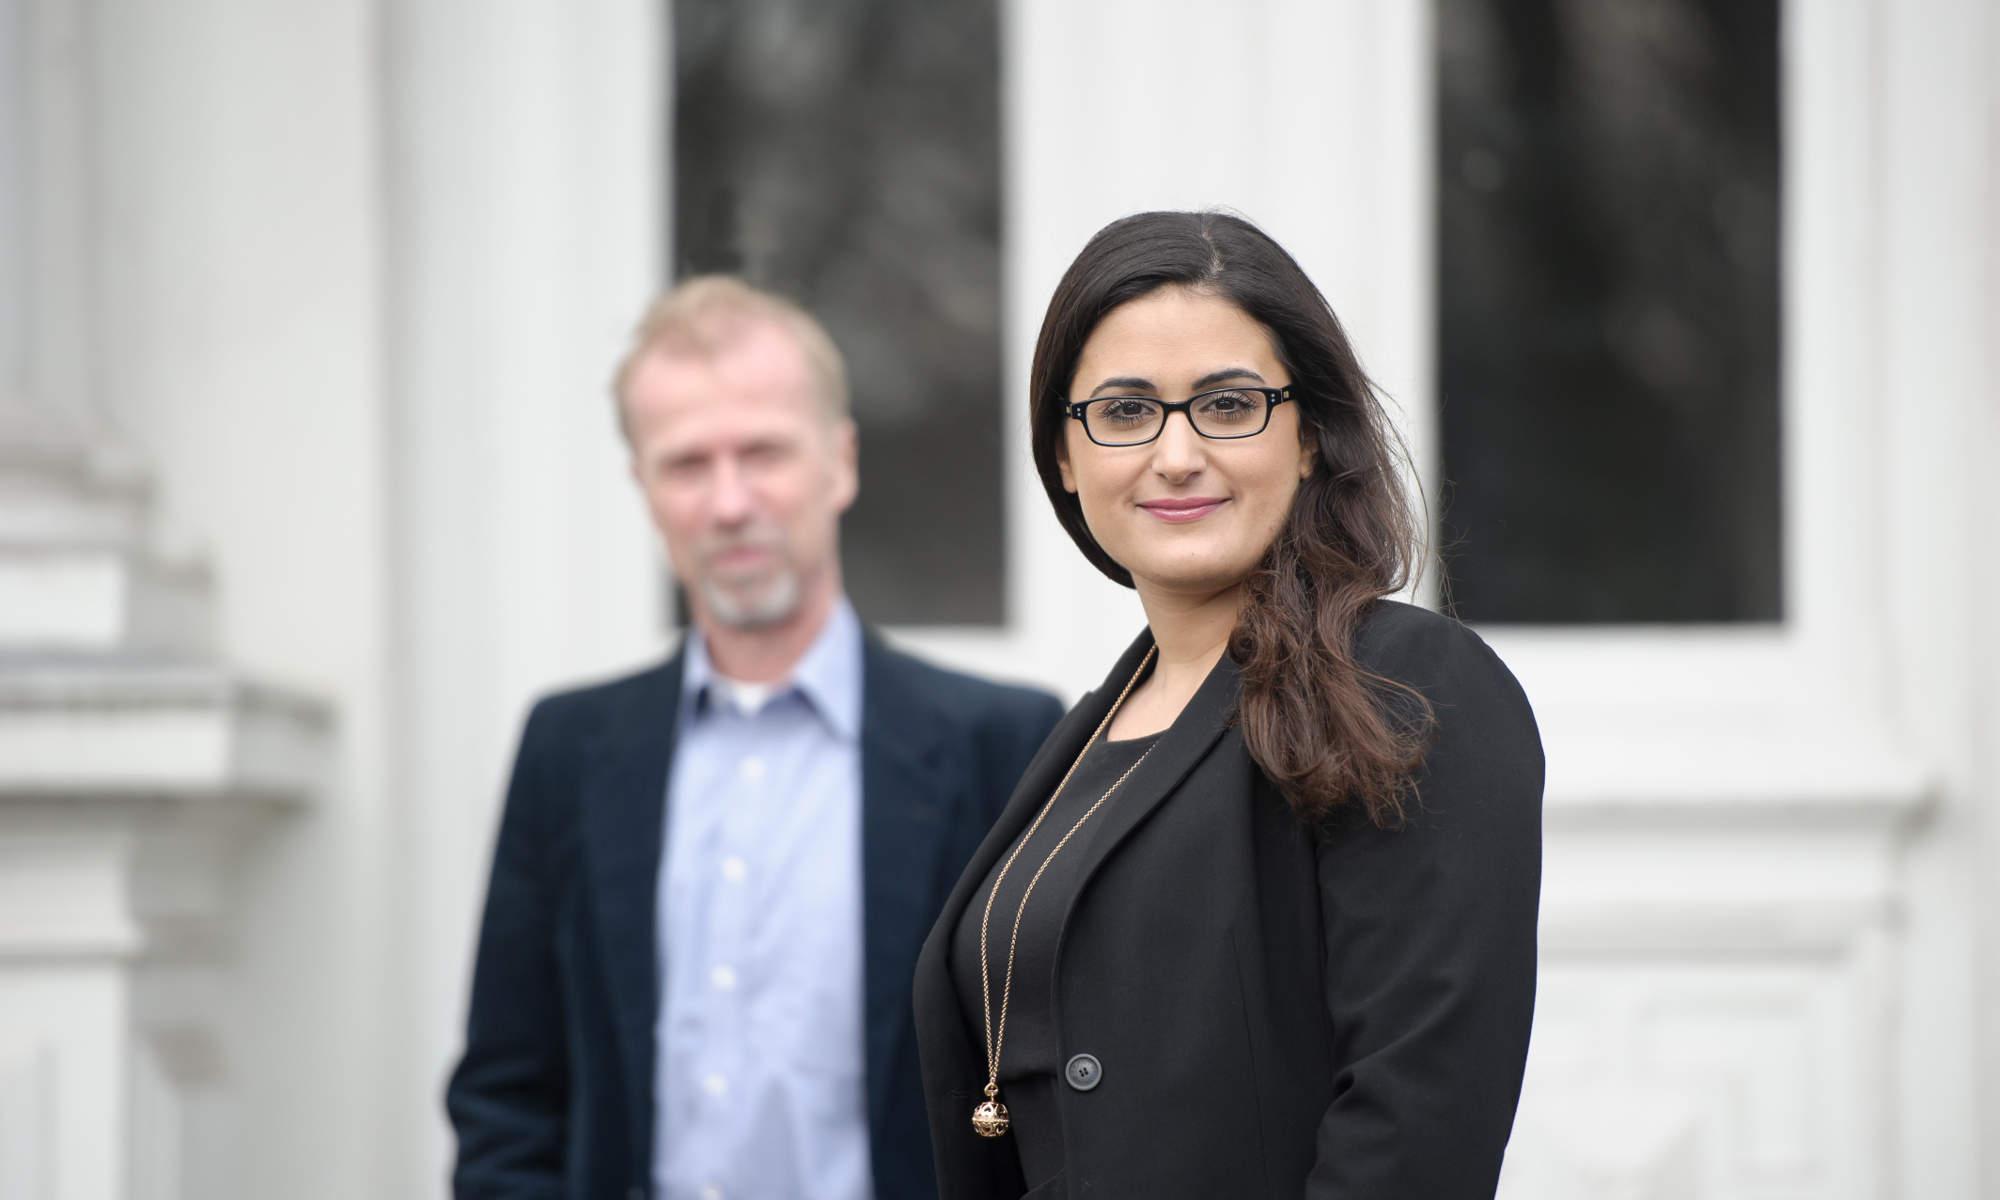 Rechtsanwälte für Verkehrsrecht Hamburg - im Vordergrund Rechtsanwältin Izmirli